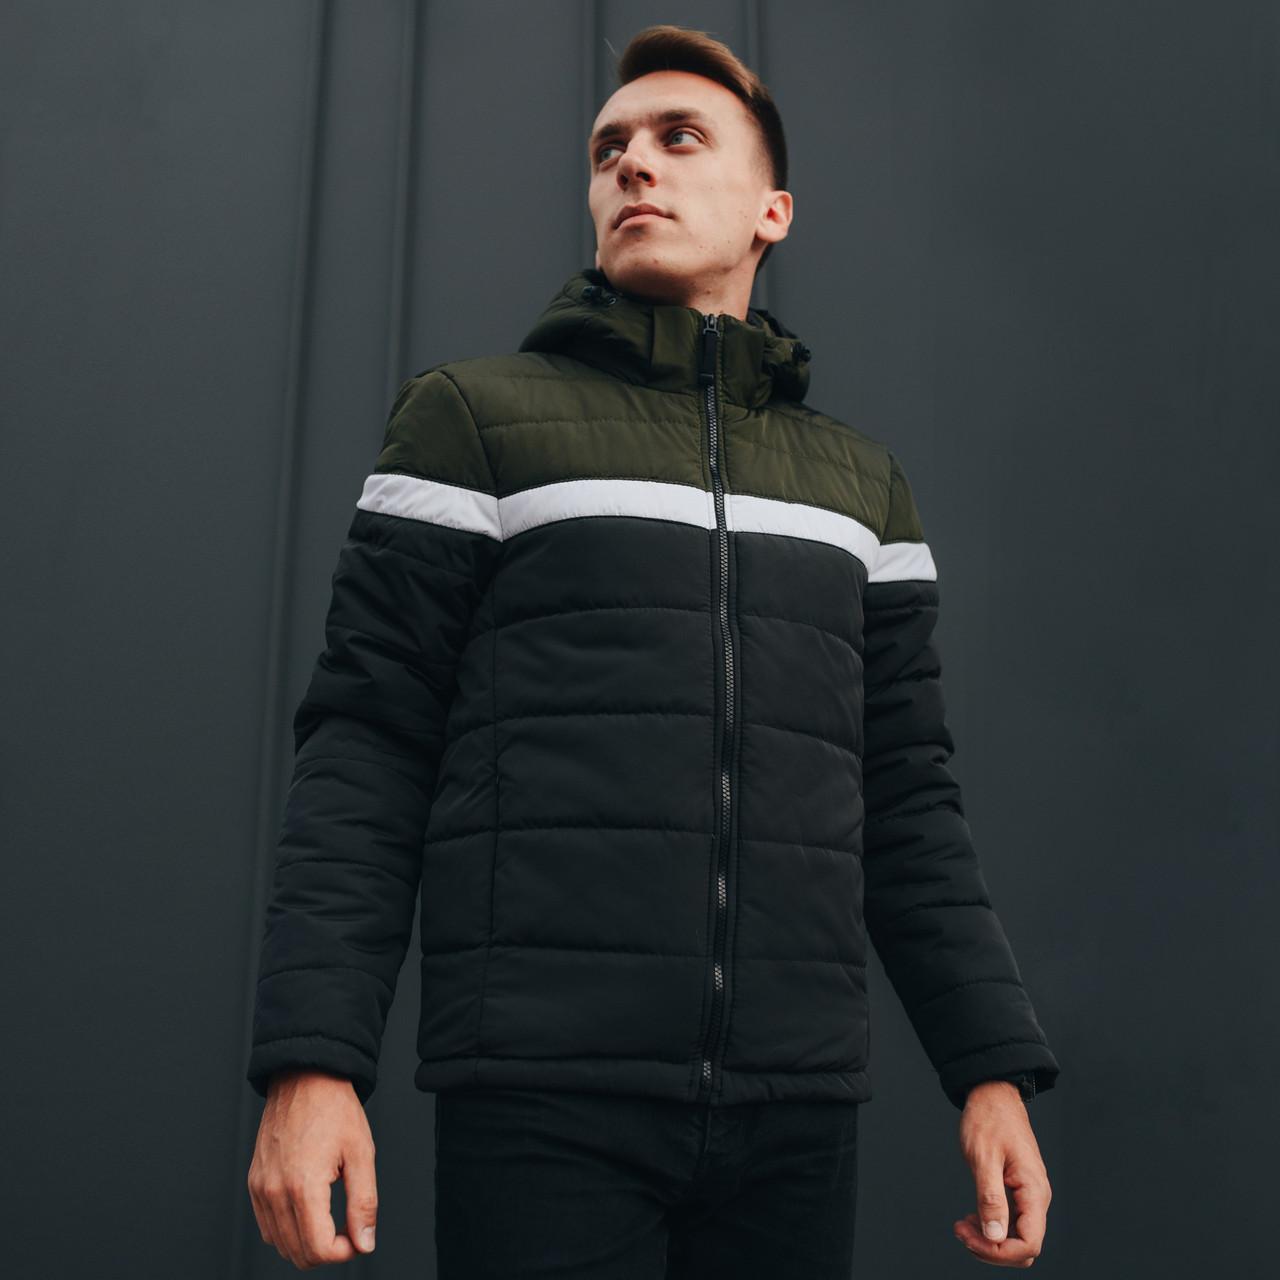 Демисезонная куртка мужская черная размер S, M, L, XL